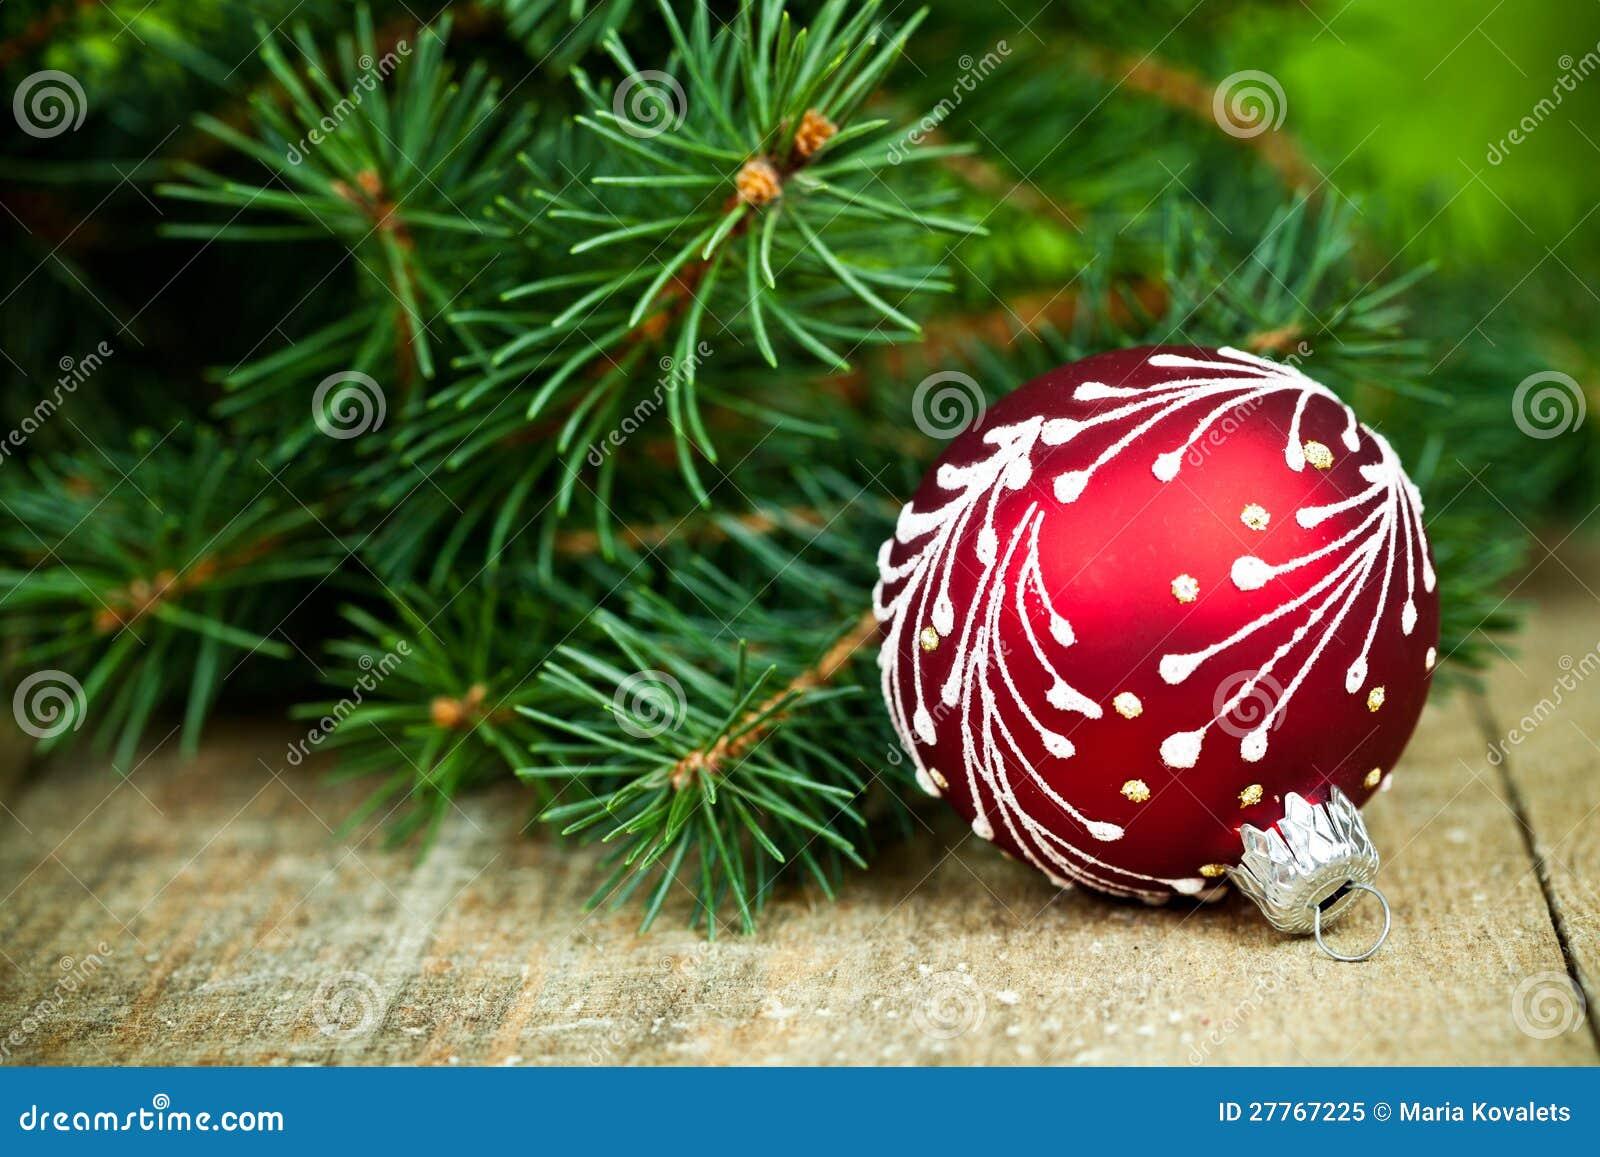 Décoration de Noël et arbre de sapin